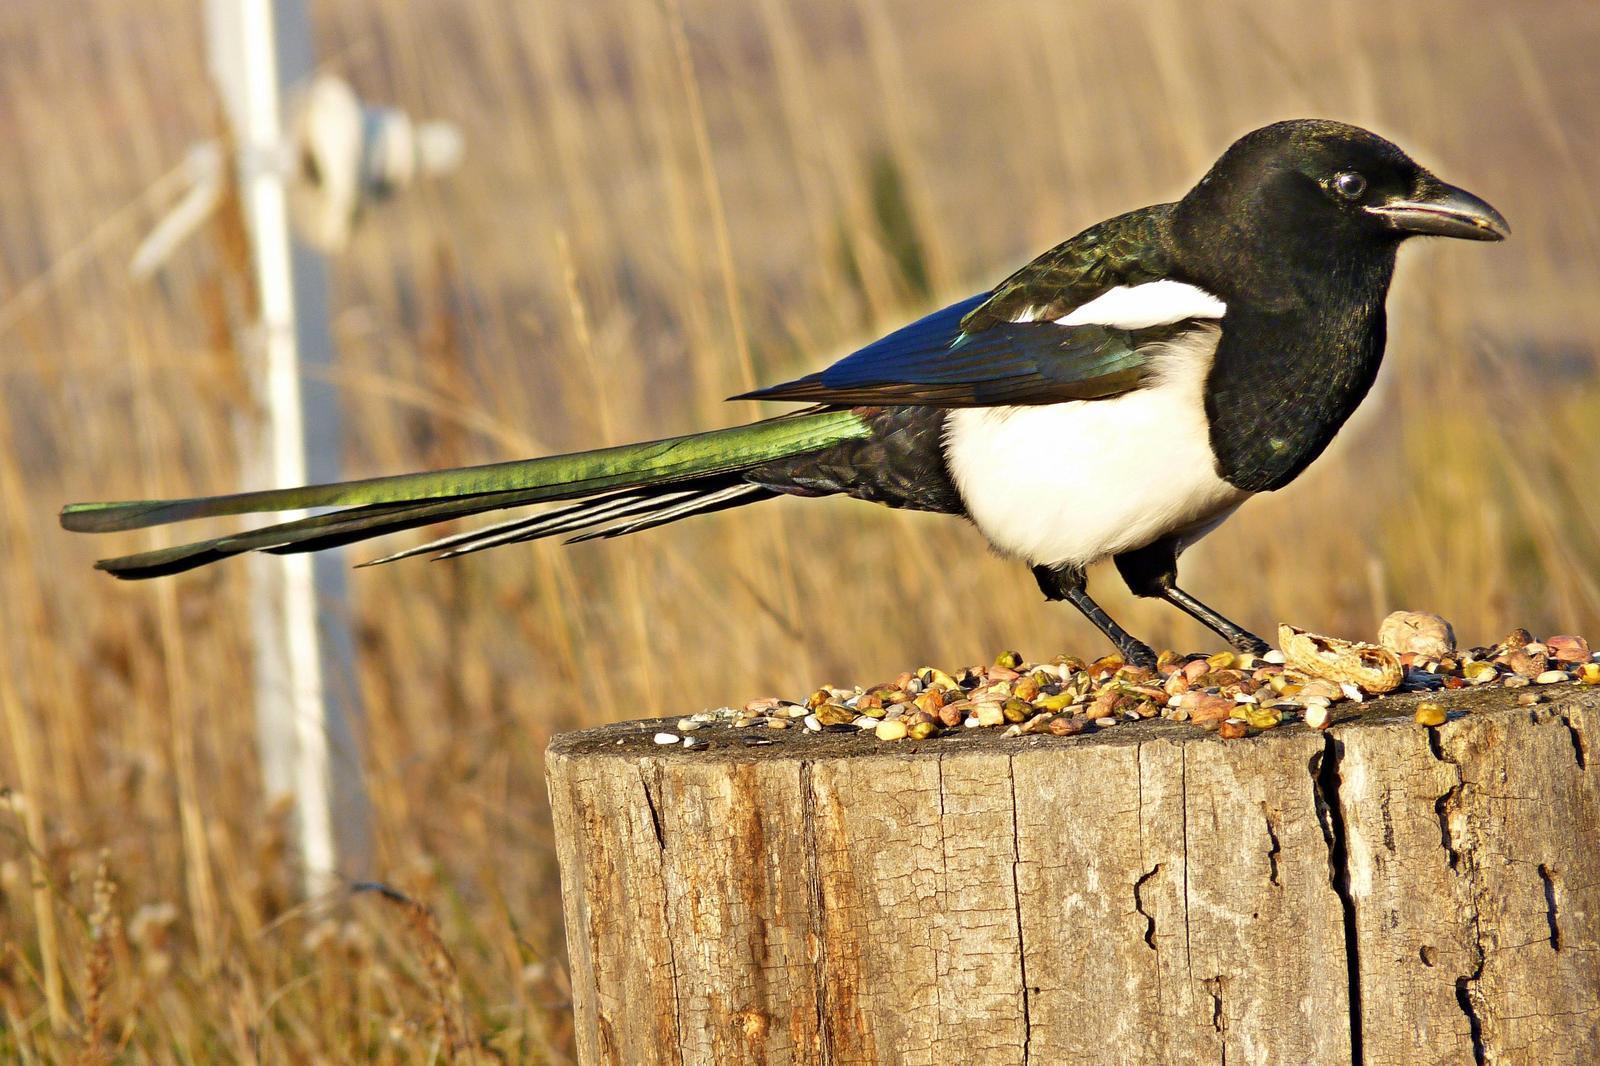 Black-billed Magpie Photo by Bob Neugebauer